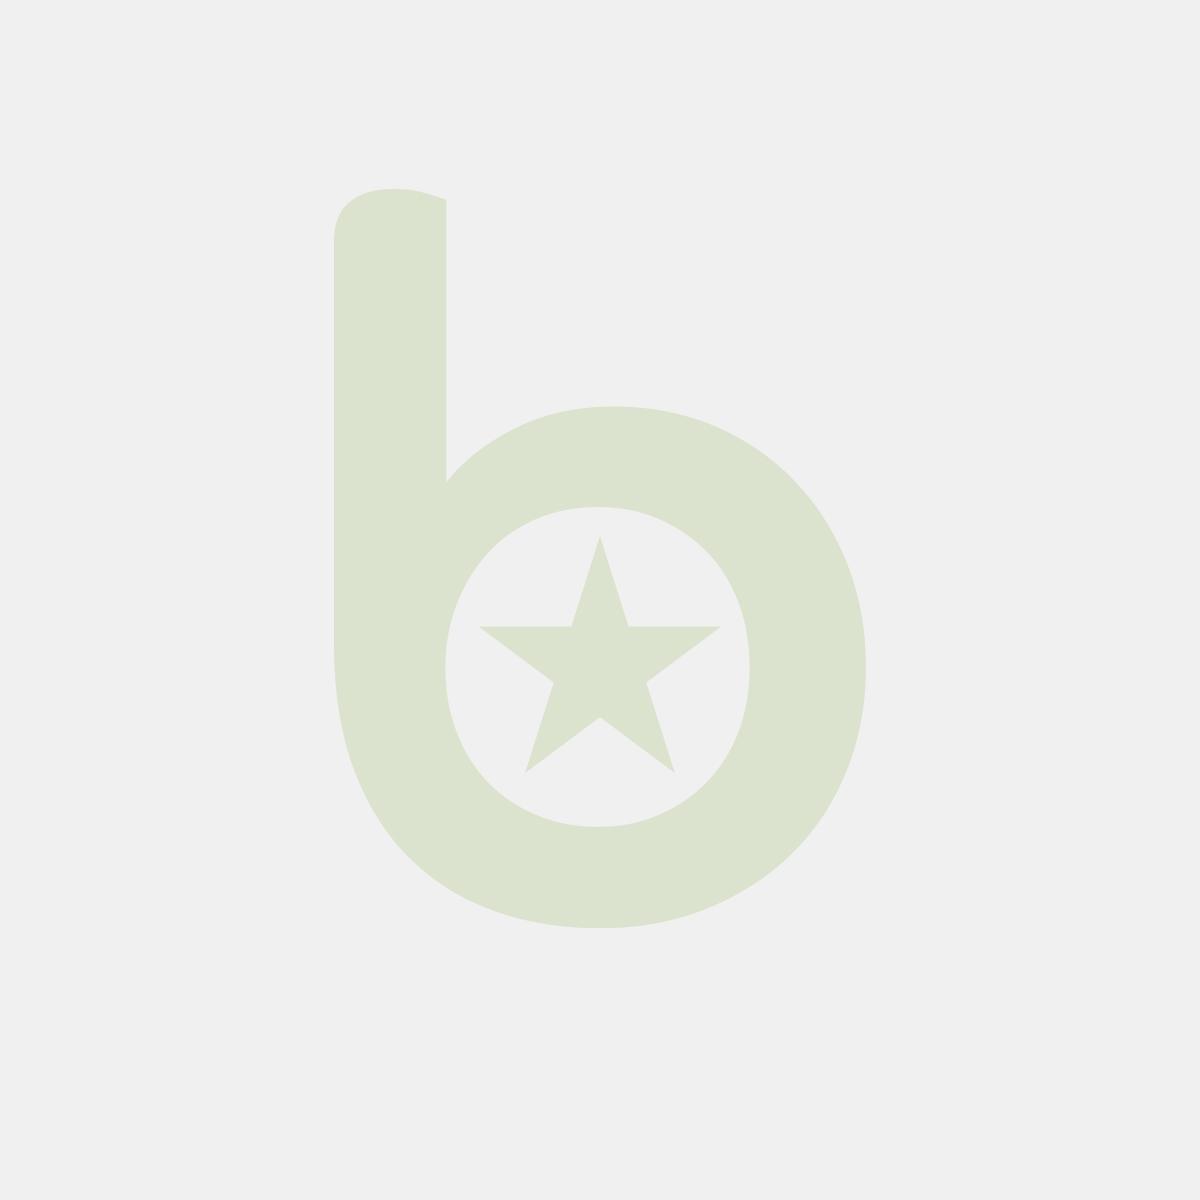 Pojemnik prostokątny do zgrzewu K-187/63 1100ml, cena za opakowanie 660szt